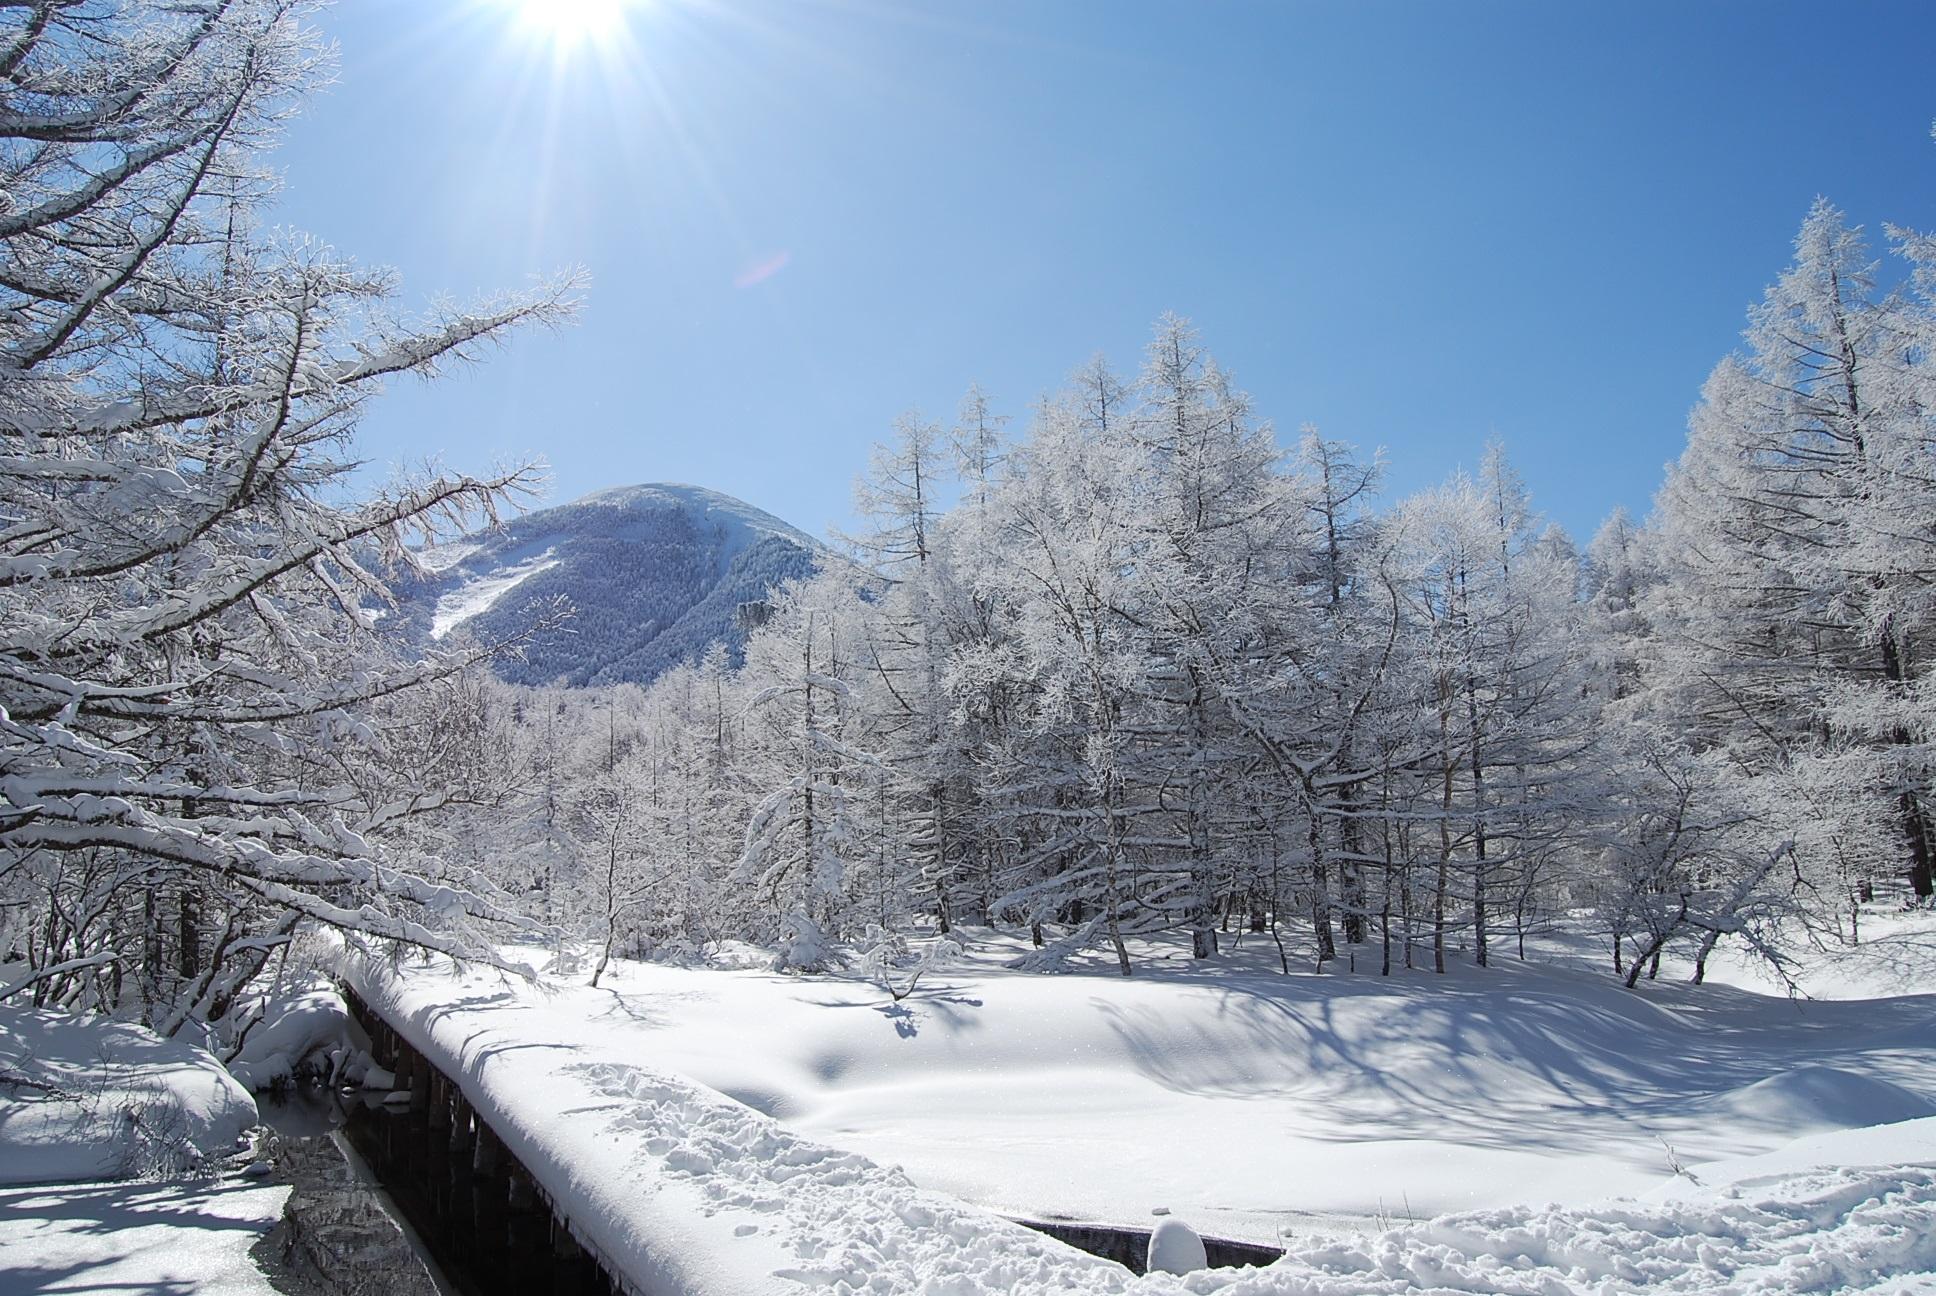 Shirakaba Kogen Kokusai Ski Resort